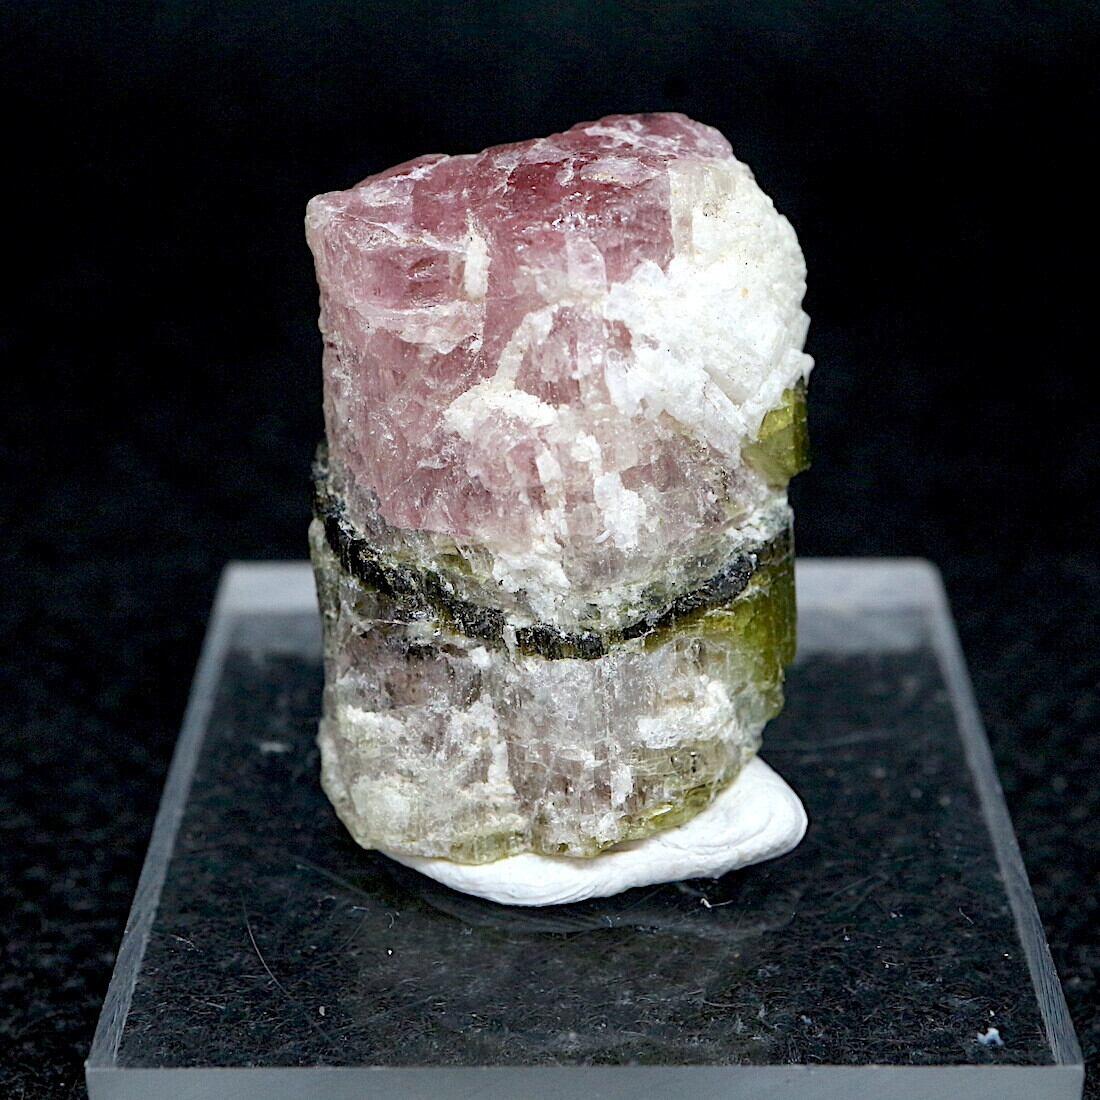 ピンク グリーン トルマリン カリフォルニア産 T185  7,2g 鉱物 天然石 原石 パワーストーン